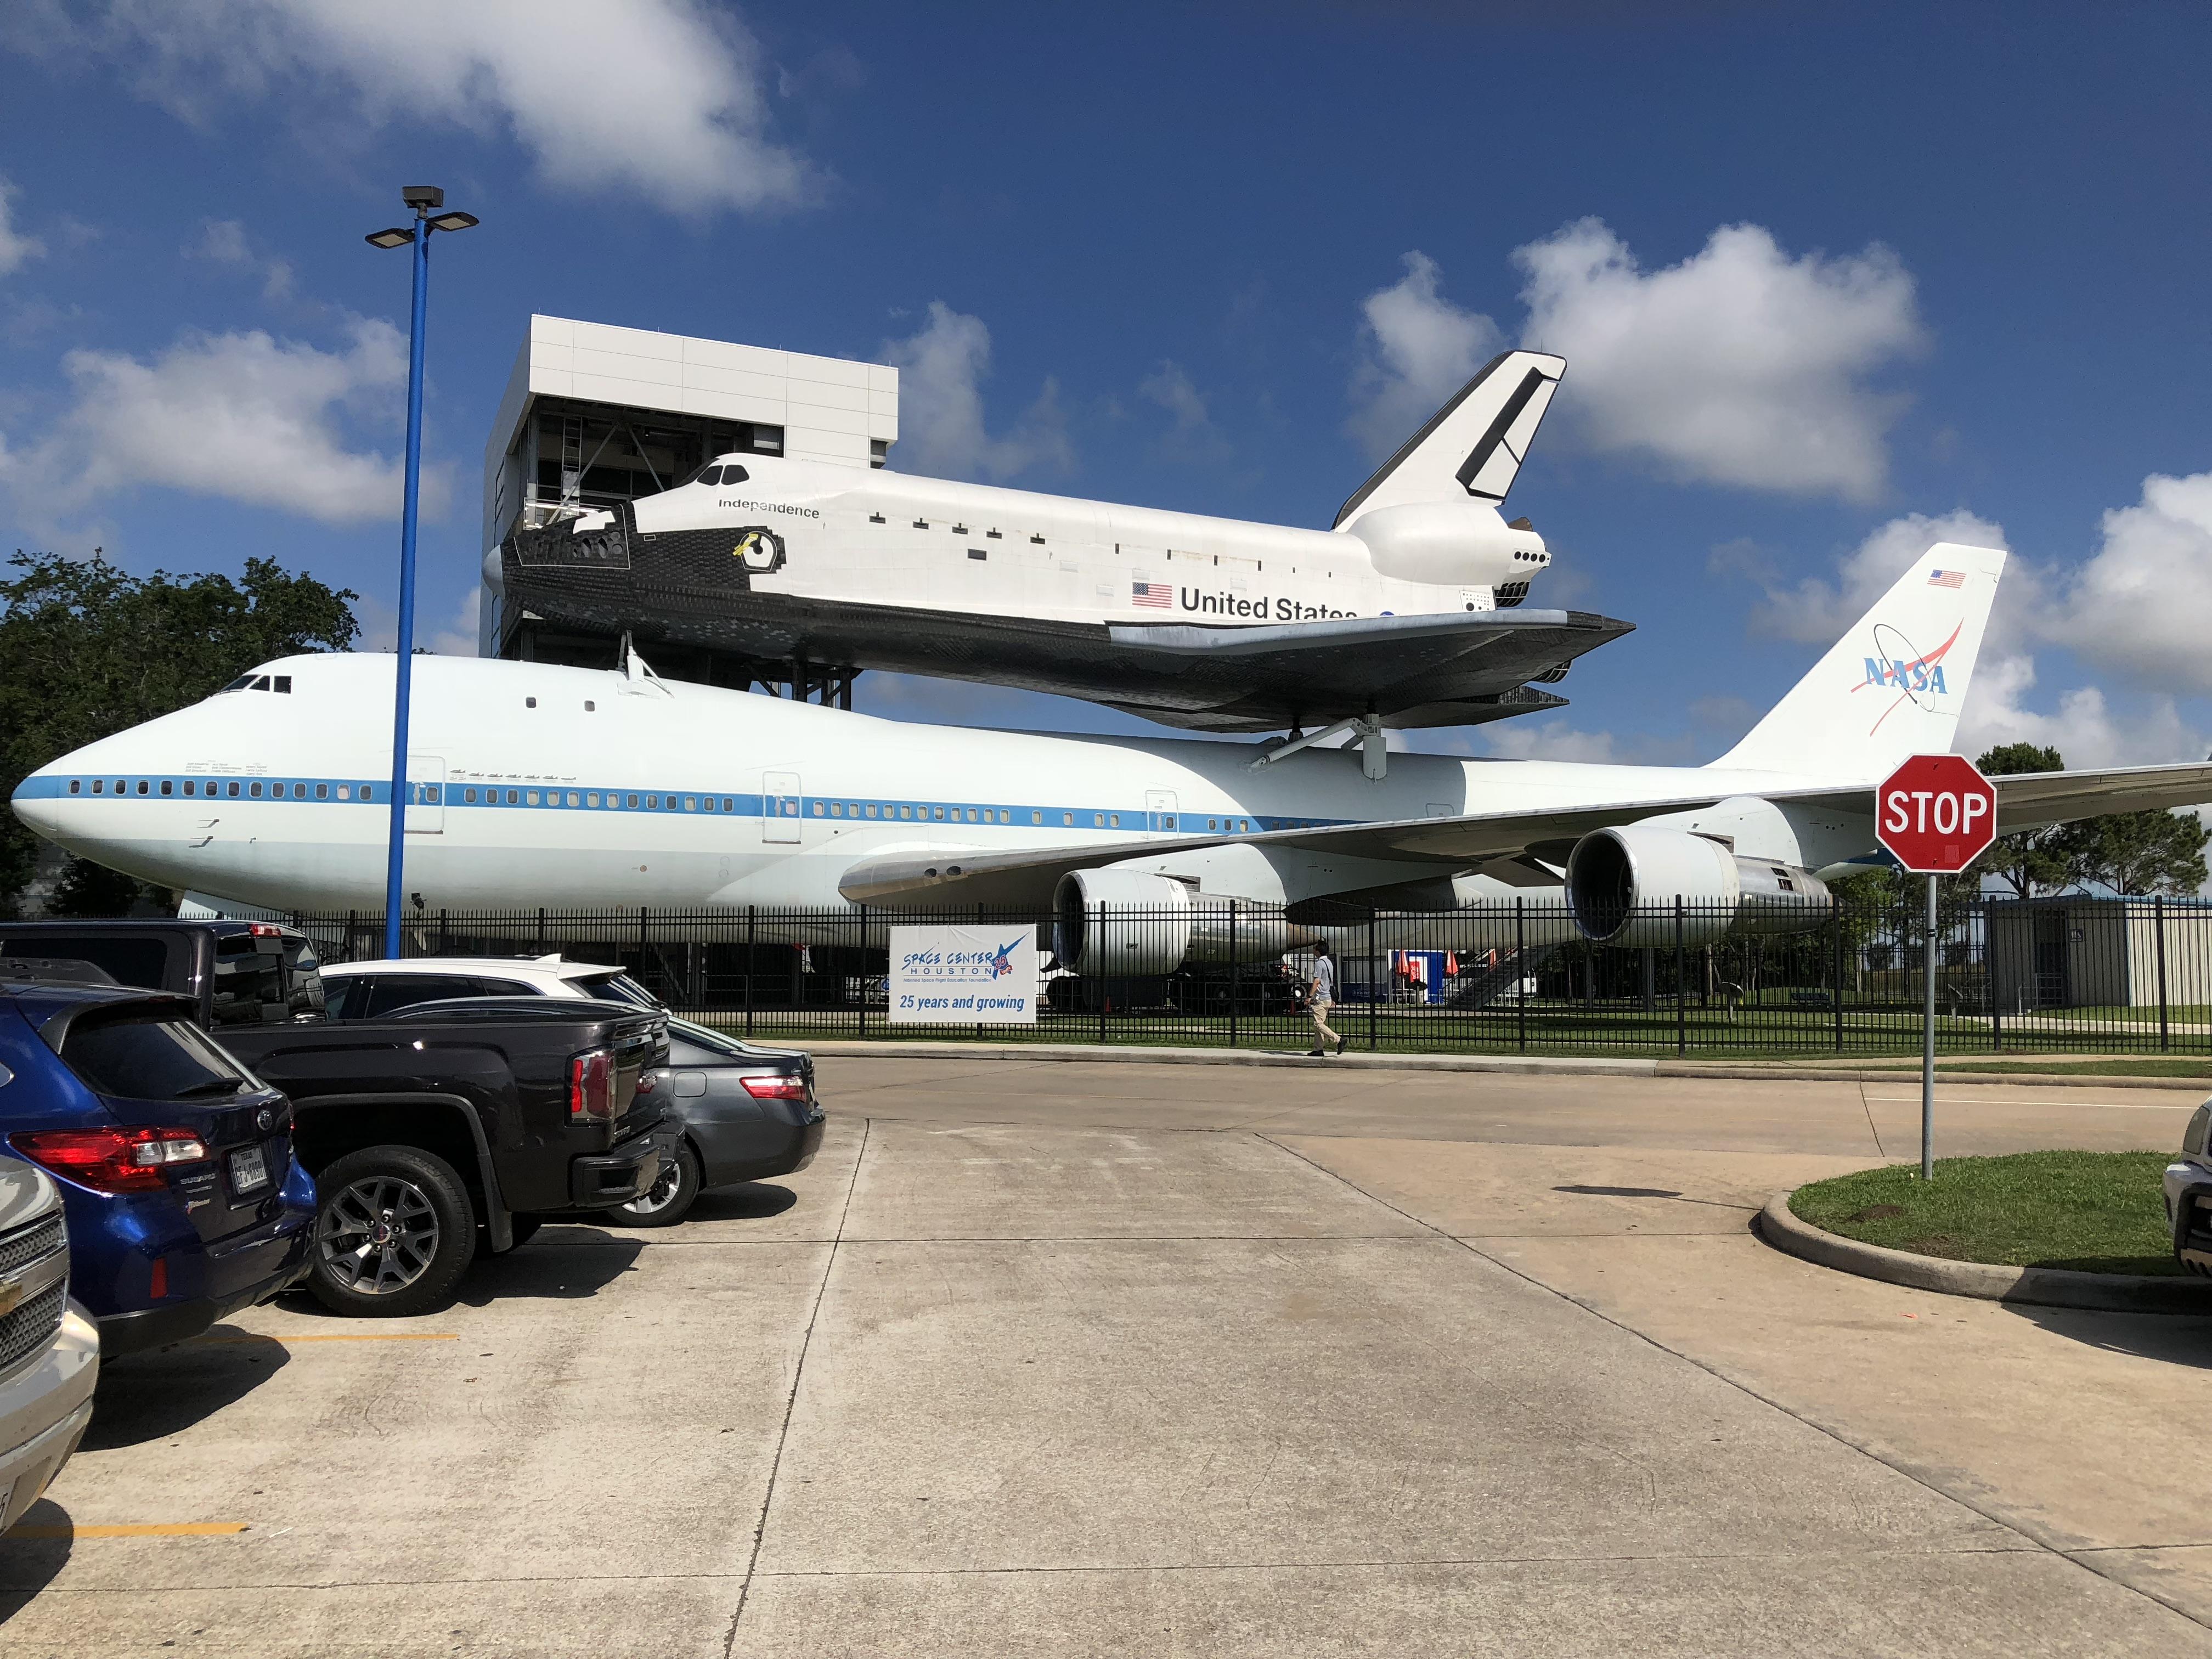 ヒューストンといえばNASA!ジョンソン宇宙センター